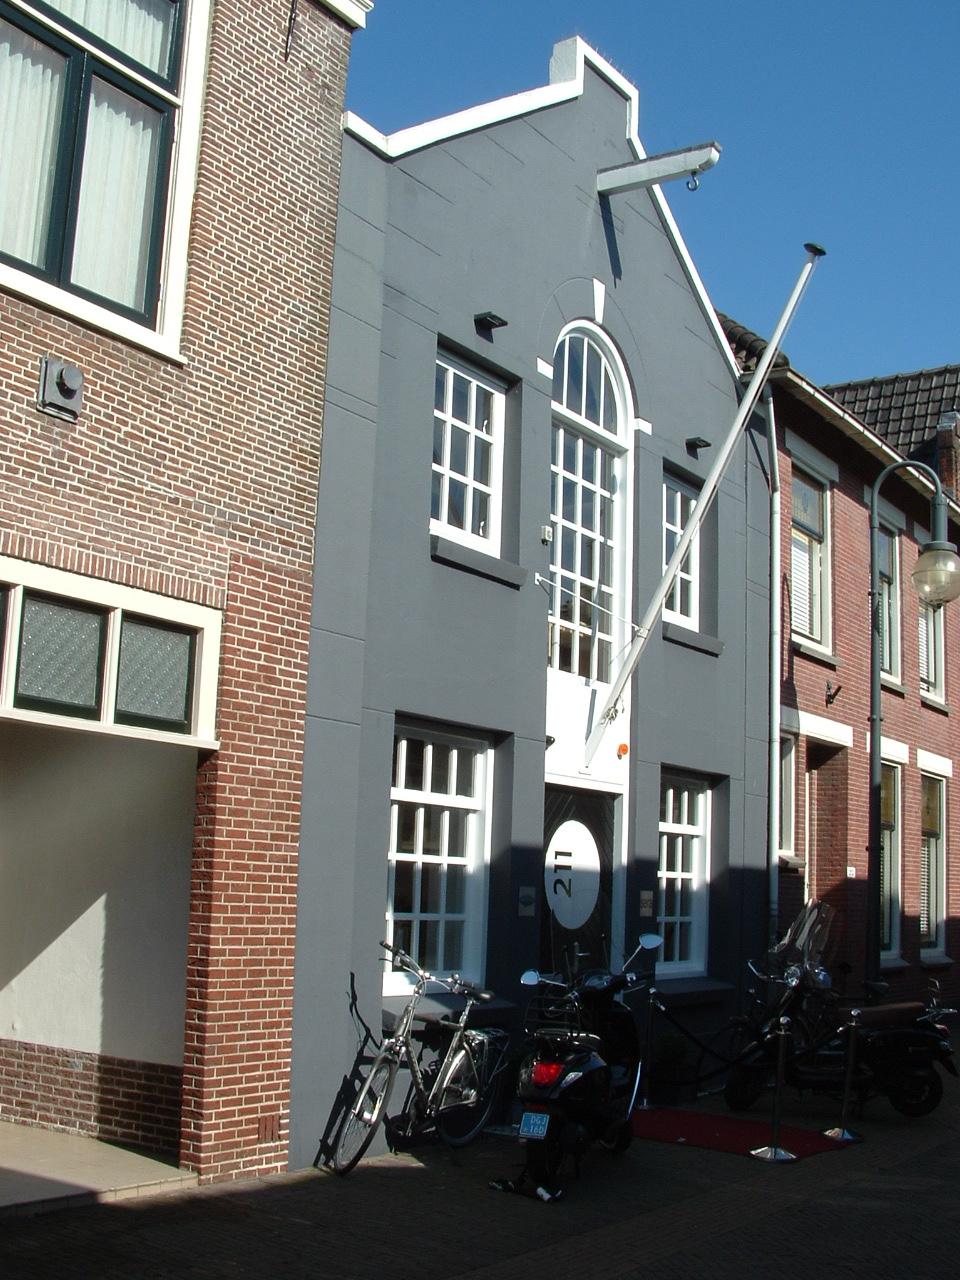 c6746b04ab3 Het voormalig pakhuis is in de jaren tachtig verbouwd door architectenburo  Brouwer, die hierin kantoor hielden. De van oorsprong asymmetrische gevel  heeft ...